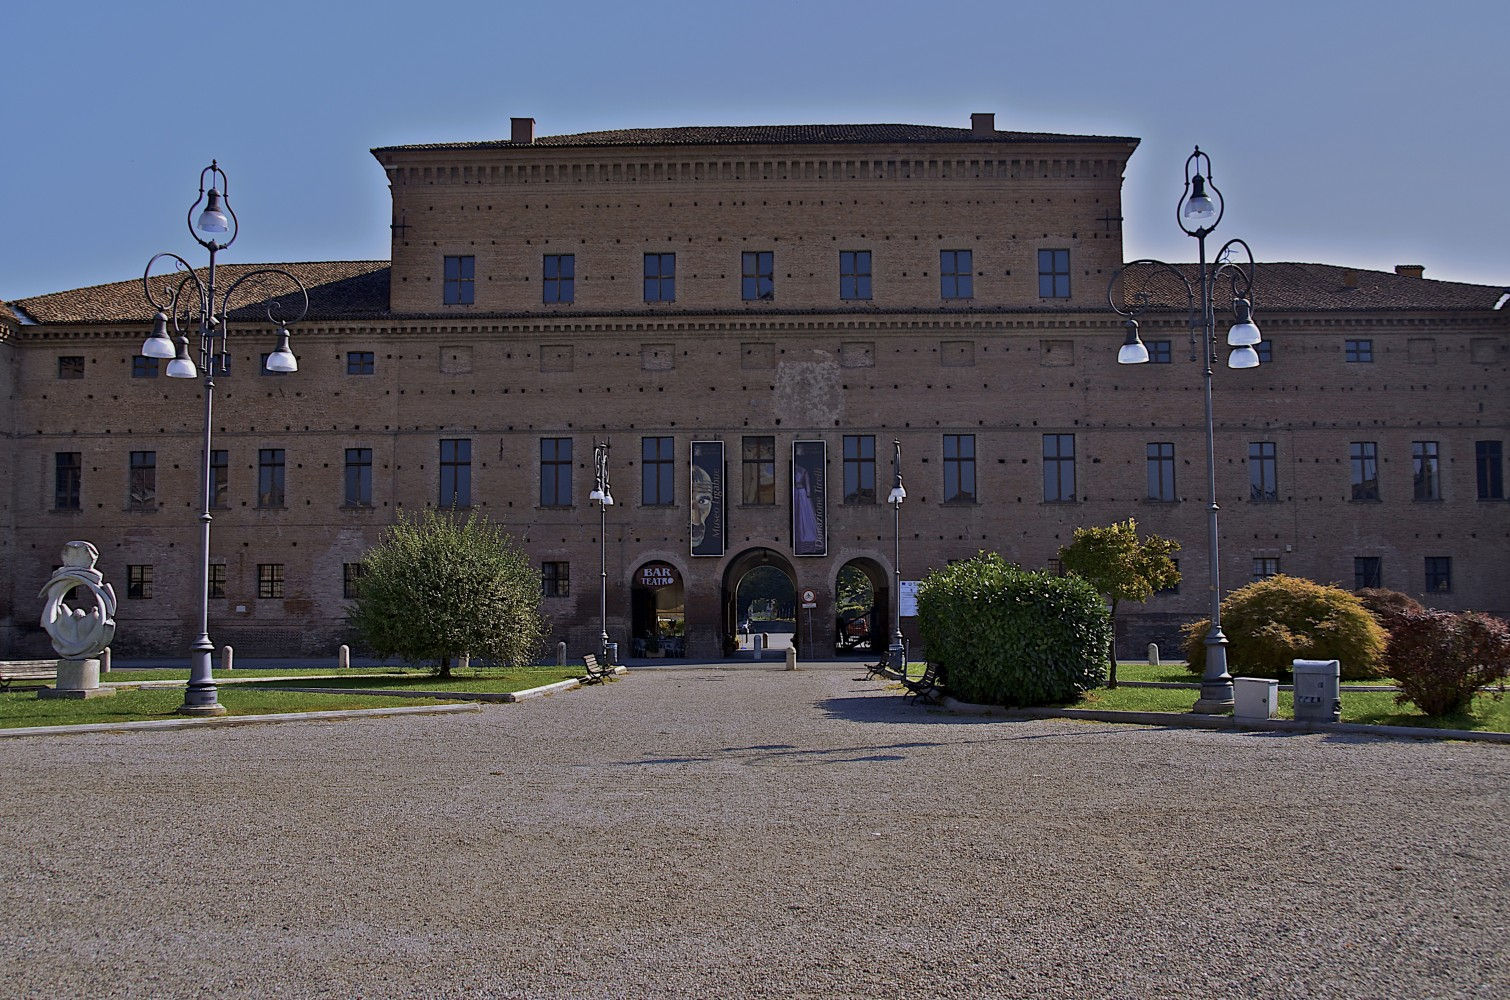 idee di fine estate - 4 mostre nei borghi -n WLM 20013 Gualtieri,palazzo_bentivoglio,ph. caba2011